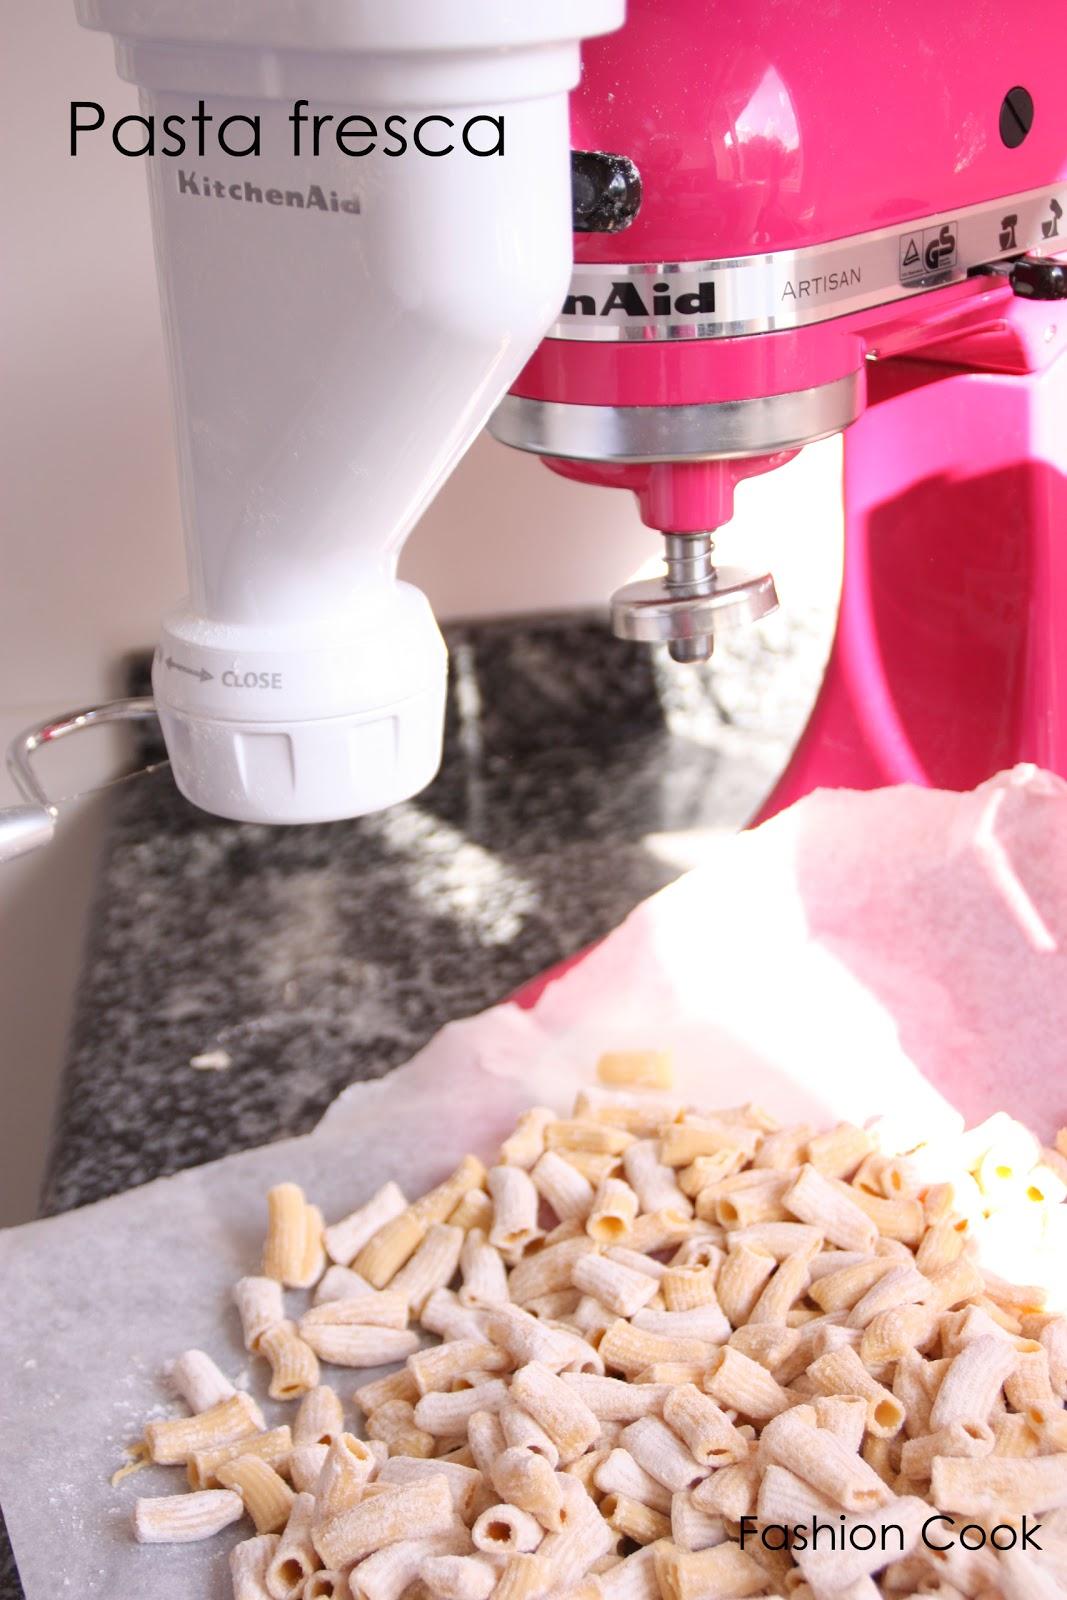 Fashion cook pasta fresca y la bandiera - Maquina para hacer macarrones ...